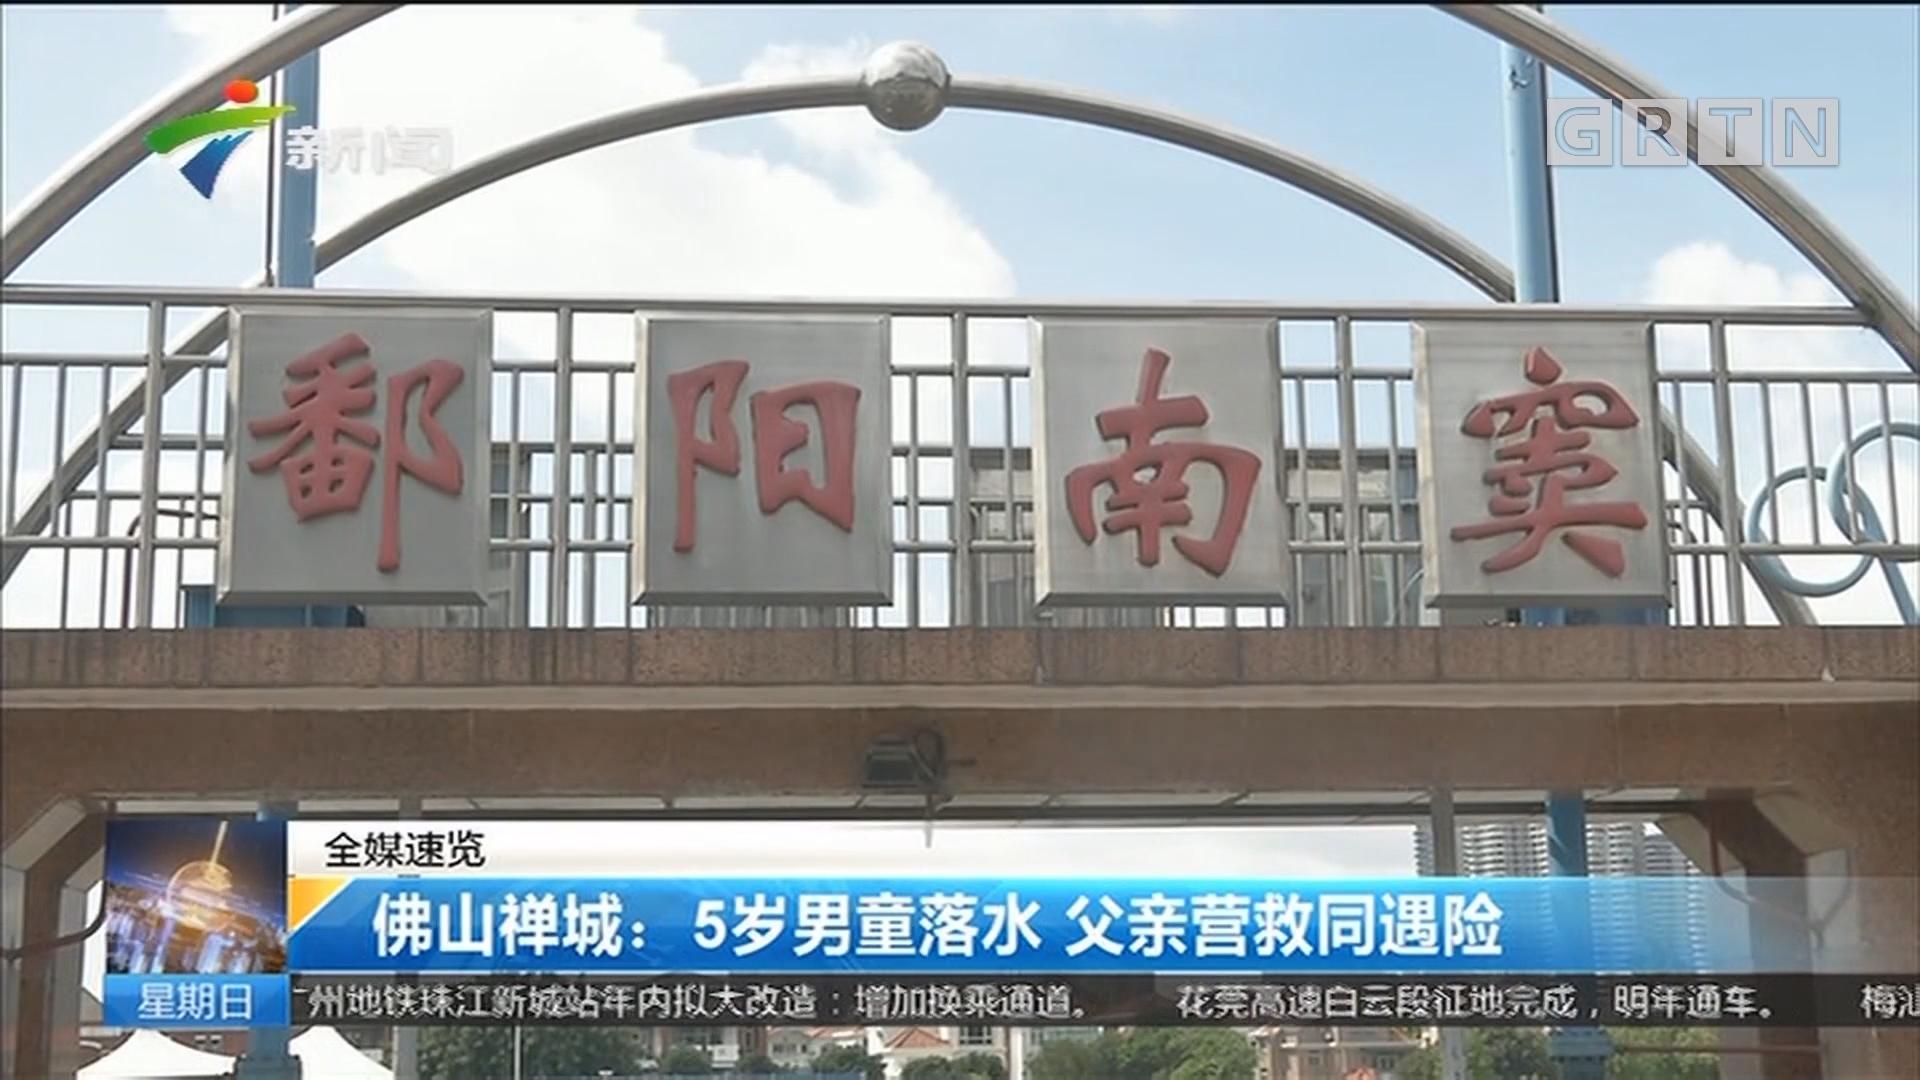 佛山禅城:5岁男童落水 父亲营救同遇险